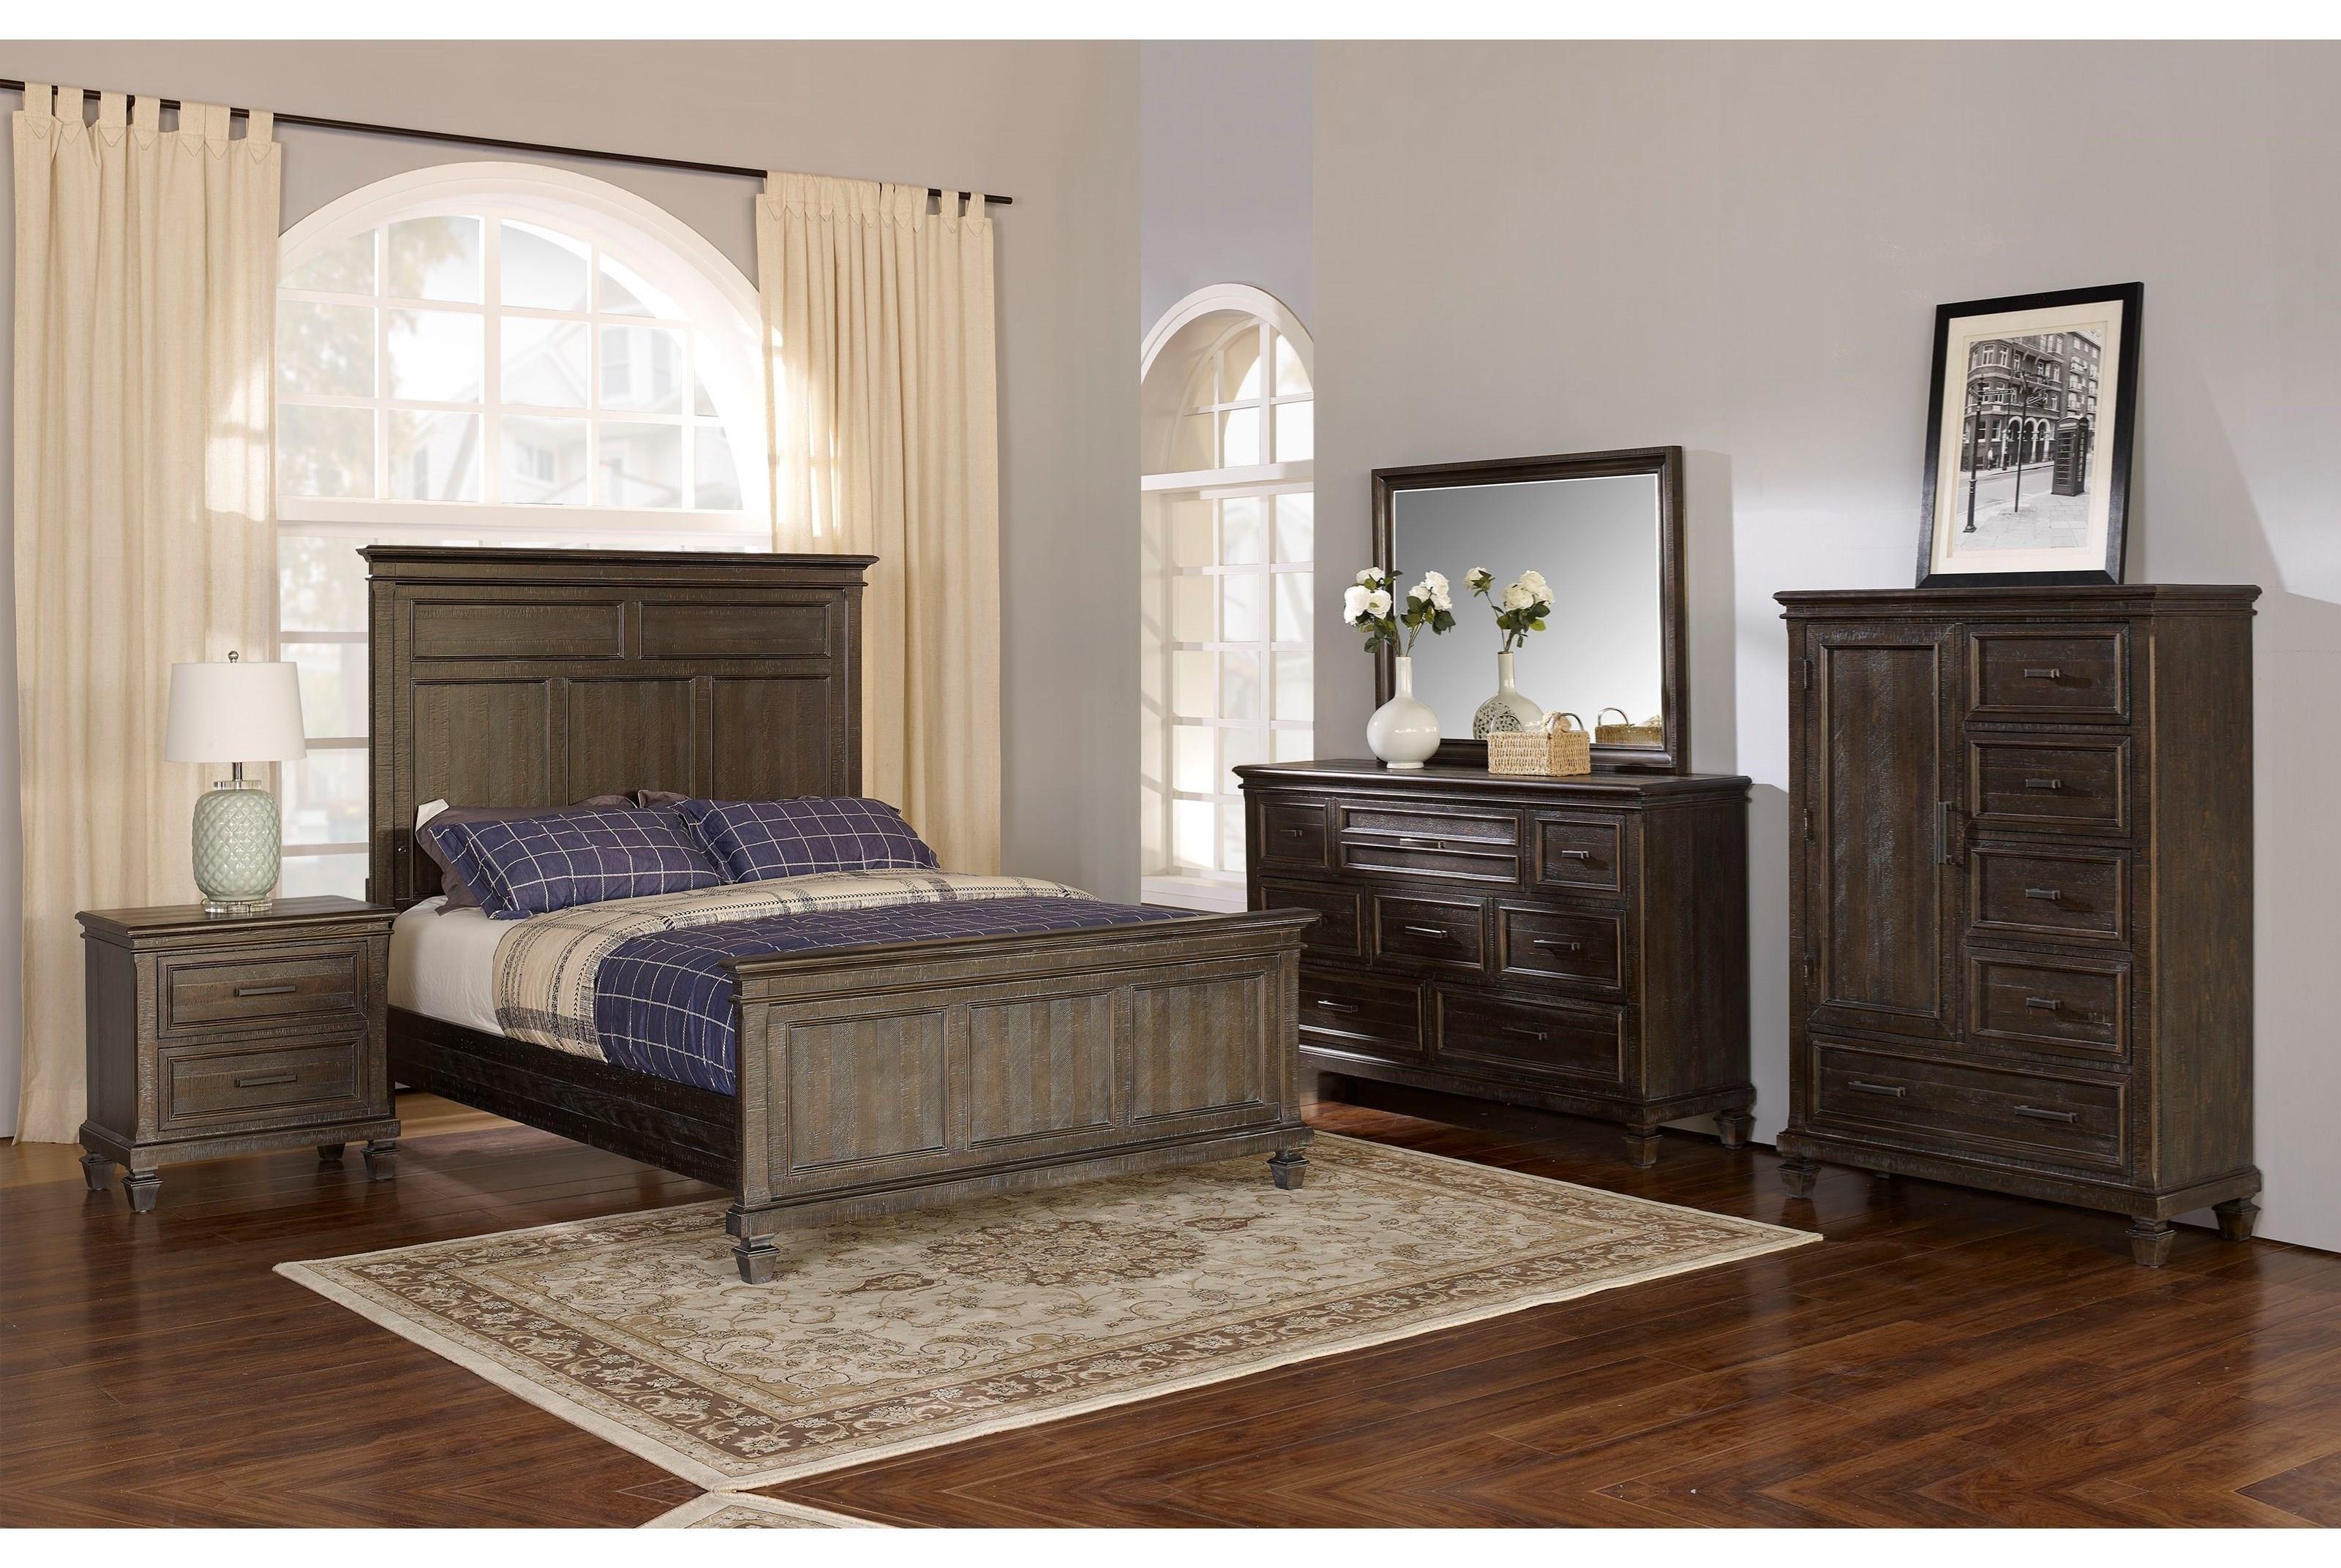 New Classic Cadiz Bedroom Queen Bedroom Group - Item Number: GRP-821-CADIZ-QNSUITE